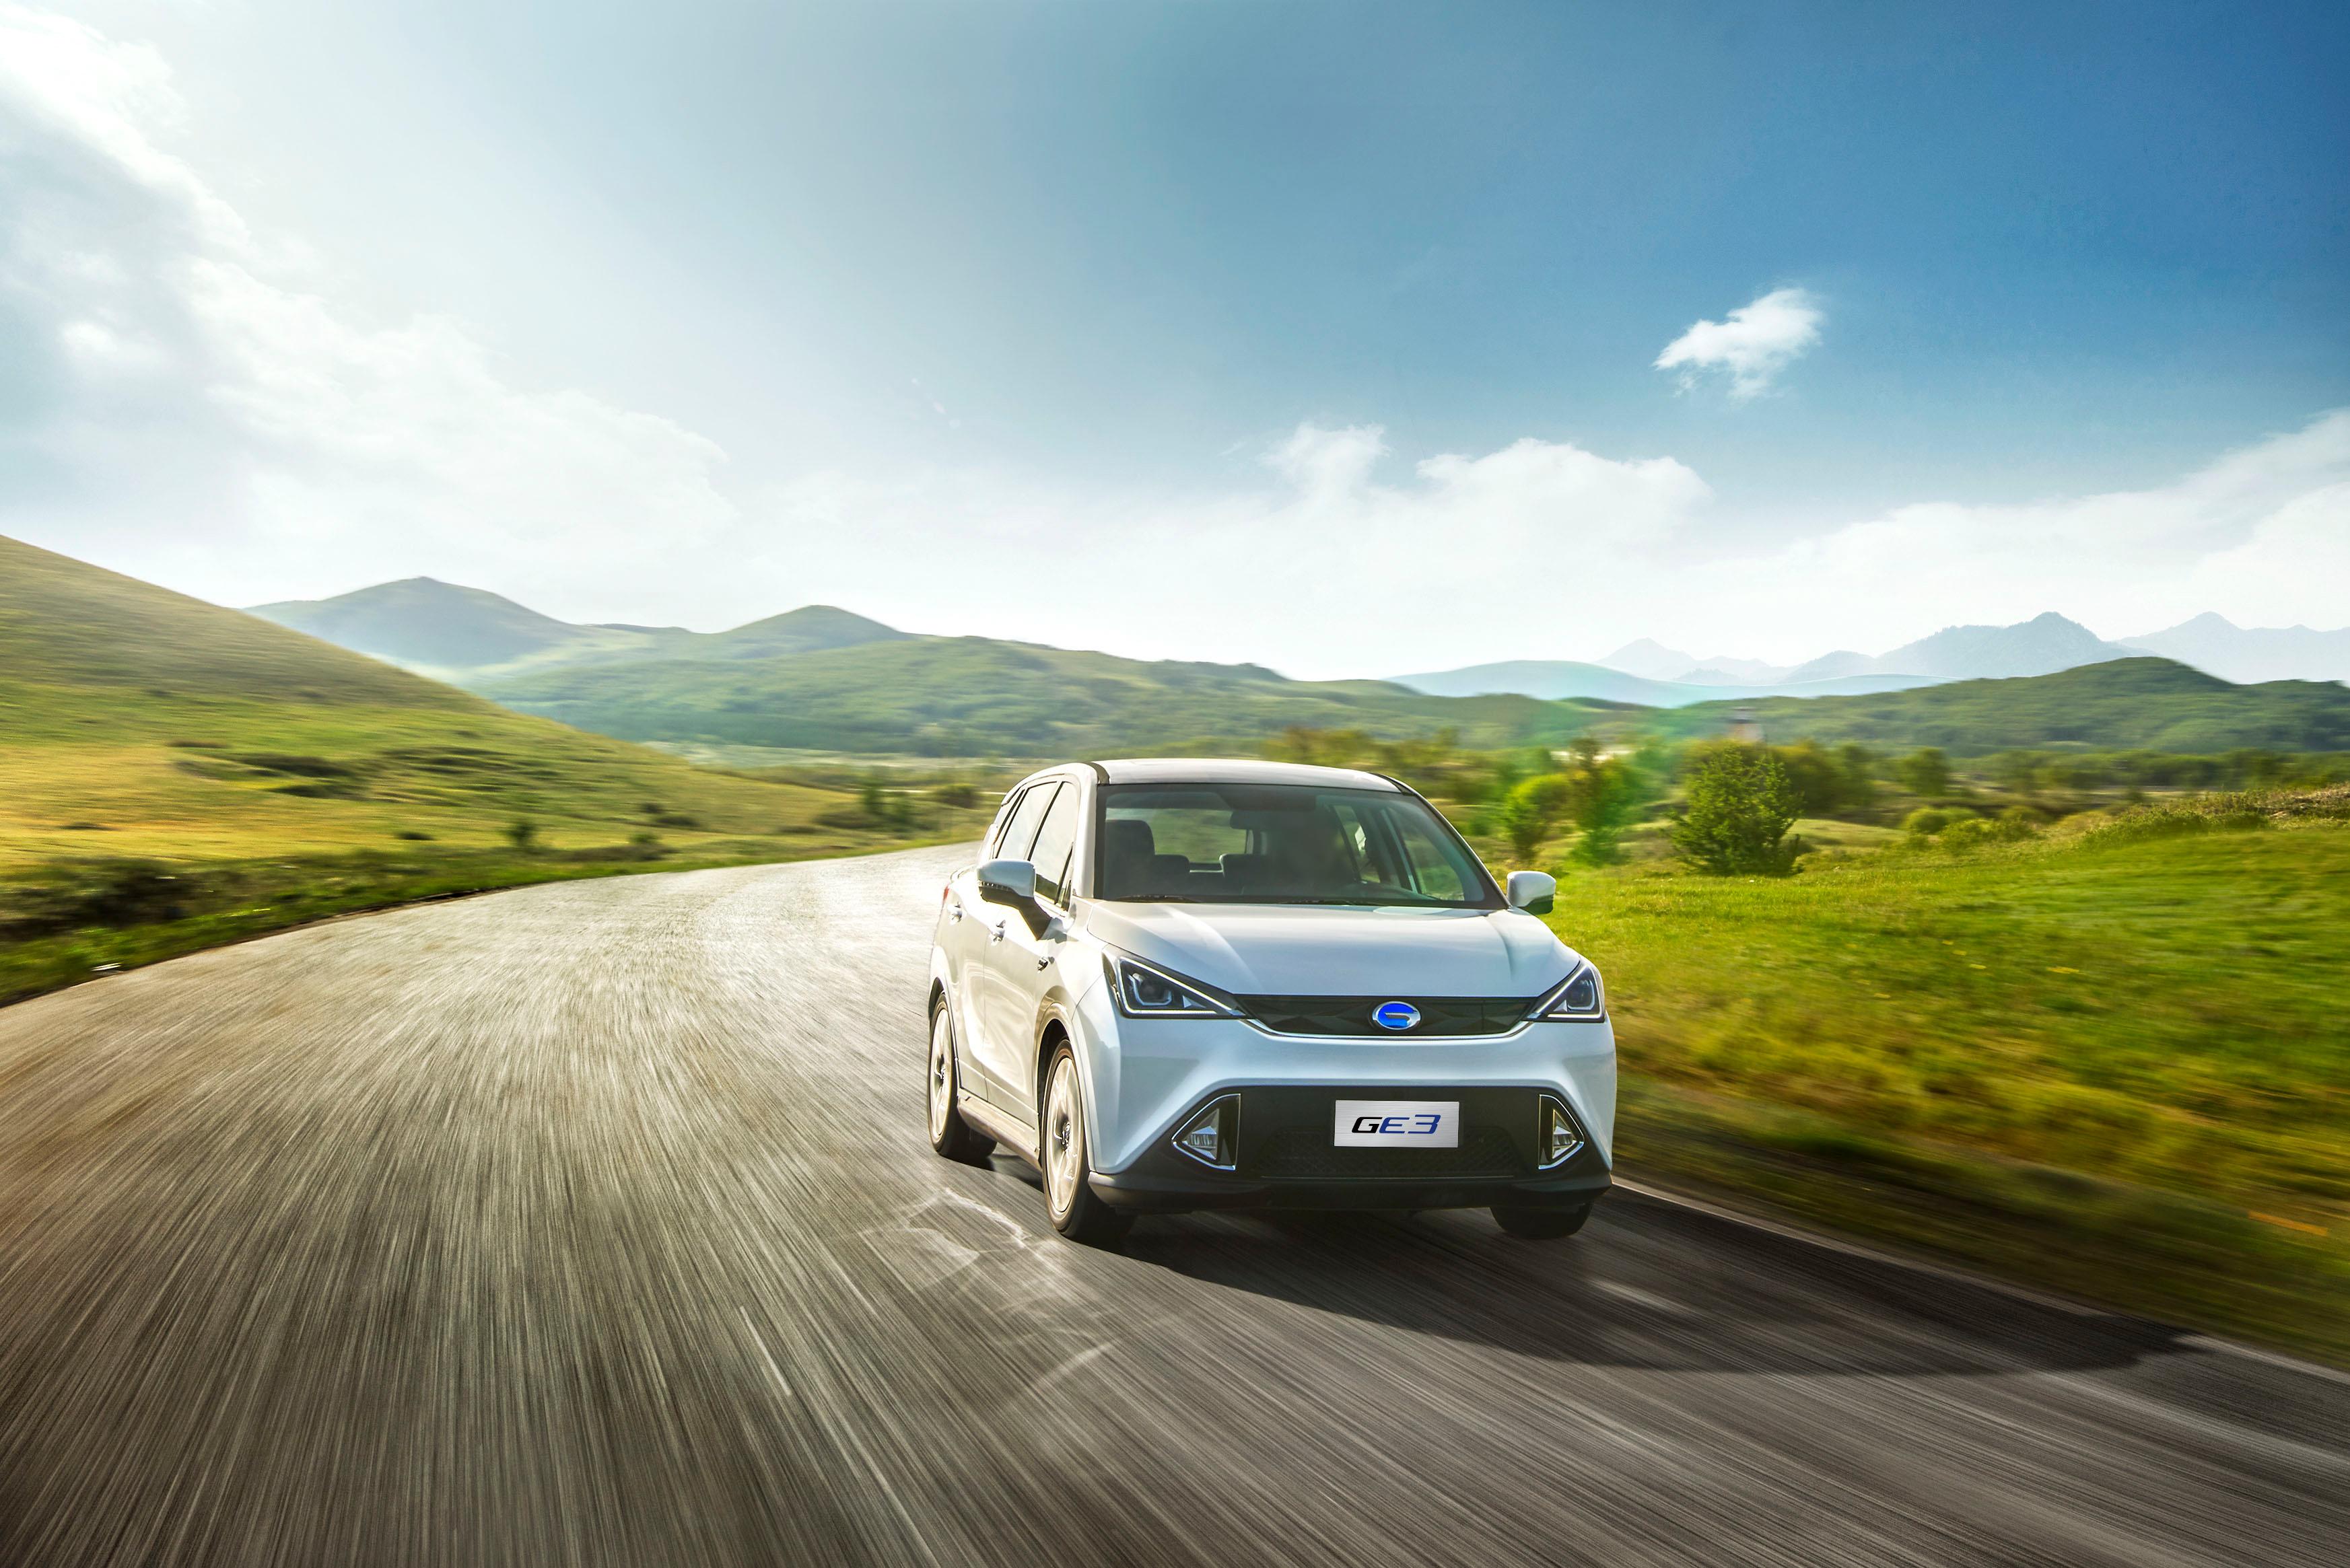 רכב חשמלי חדש - GAC ליסינג